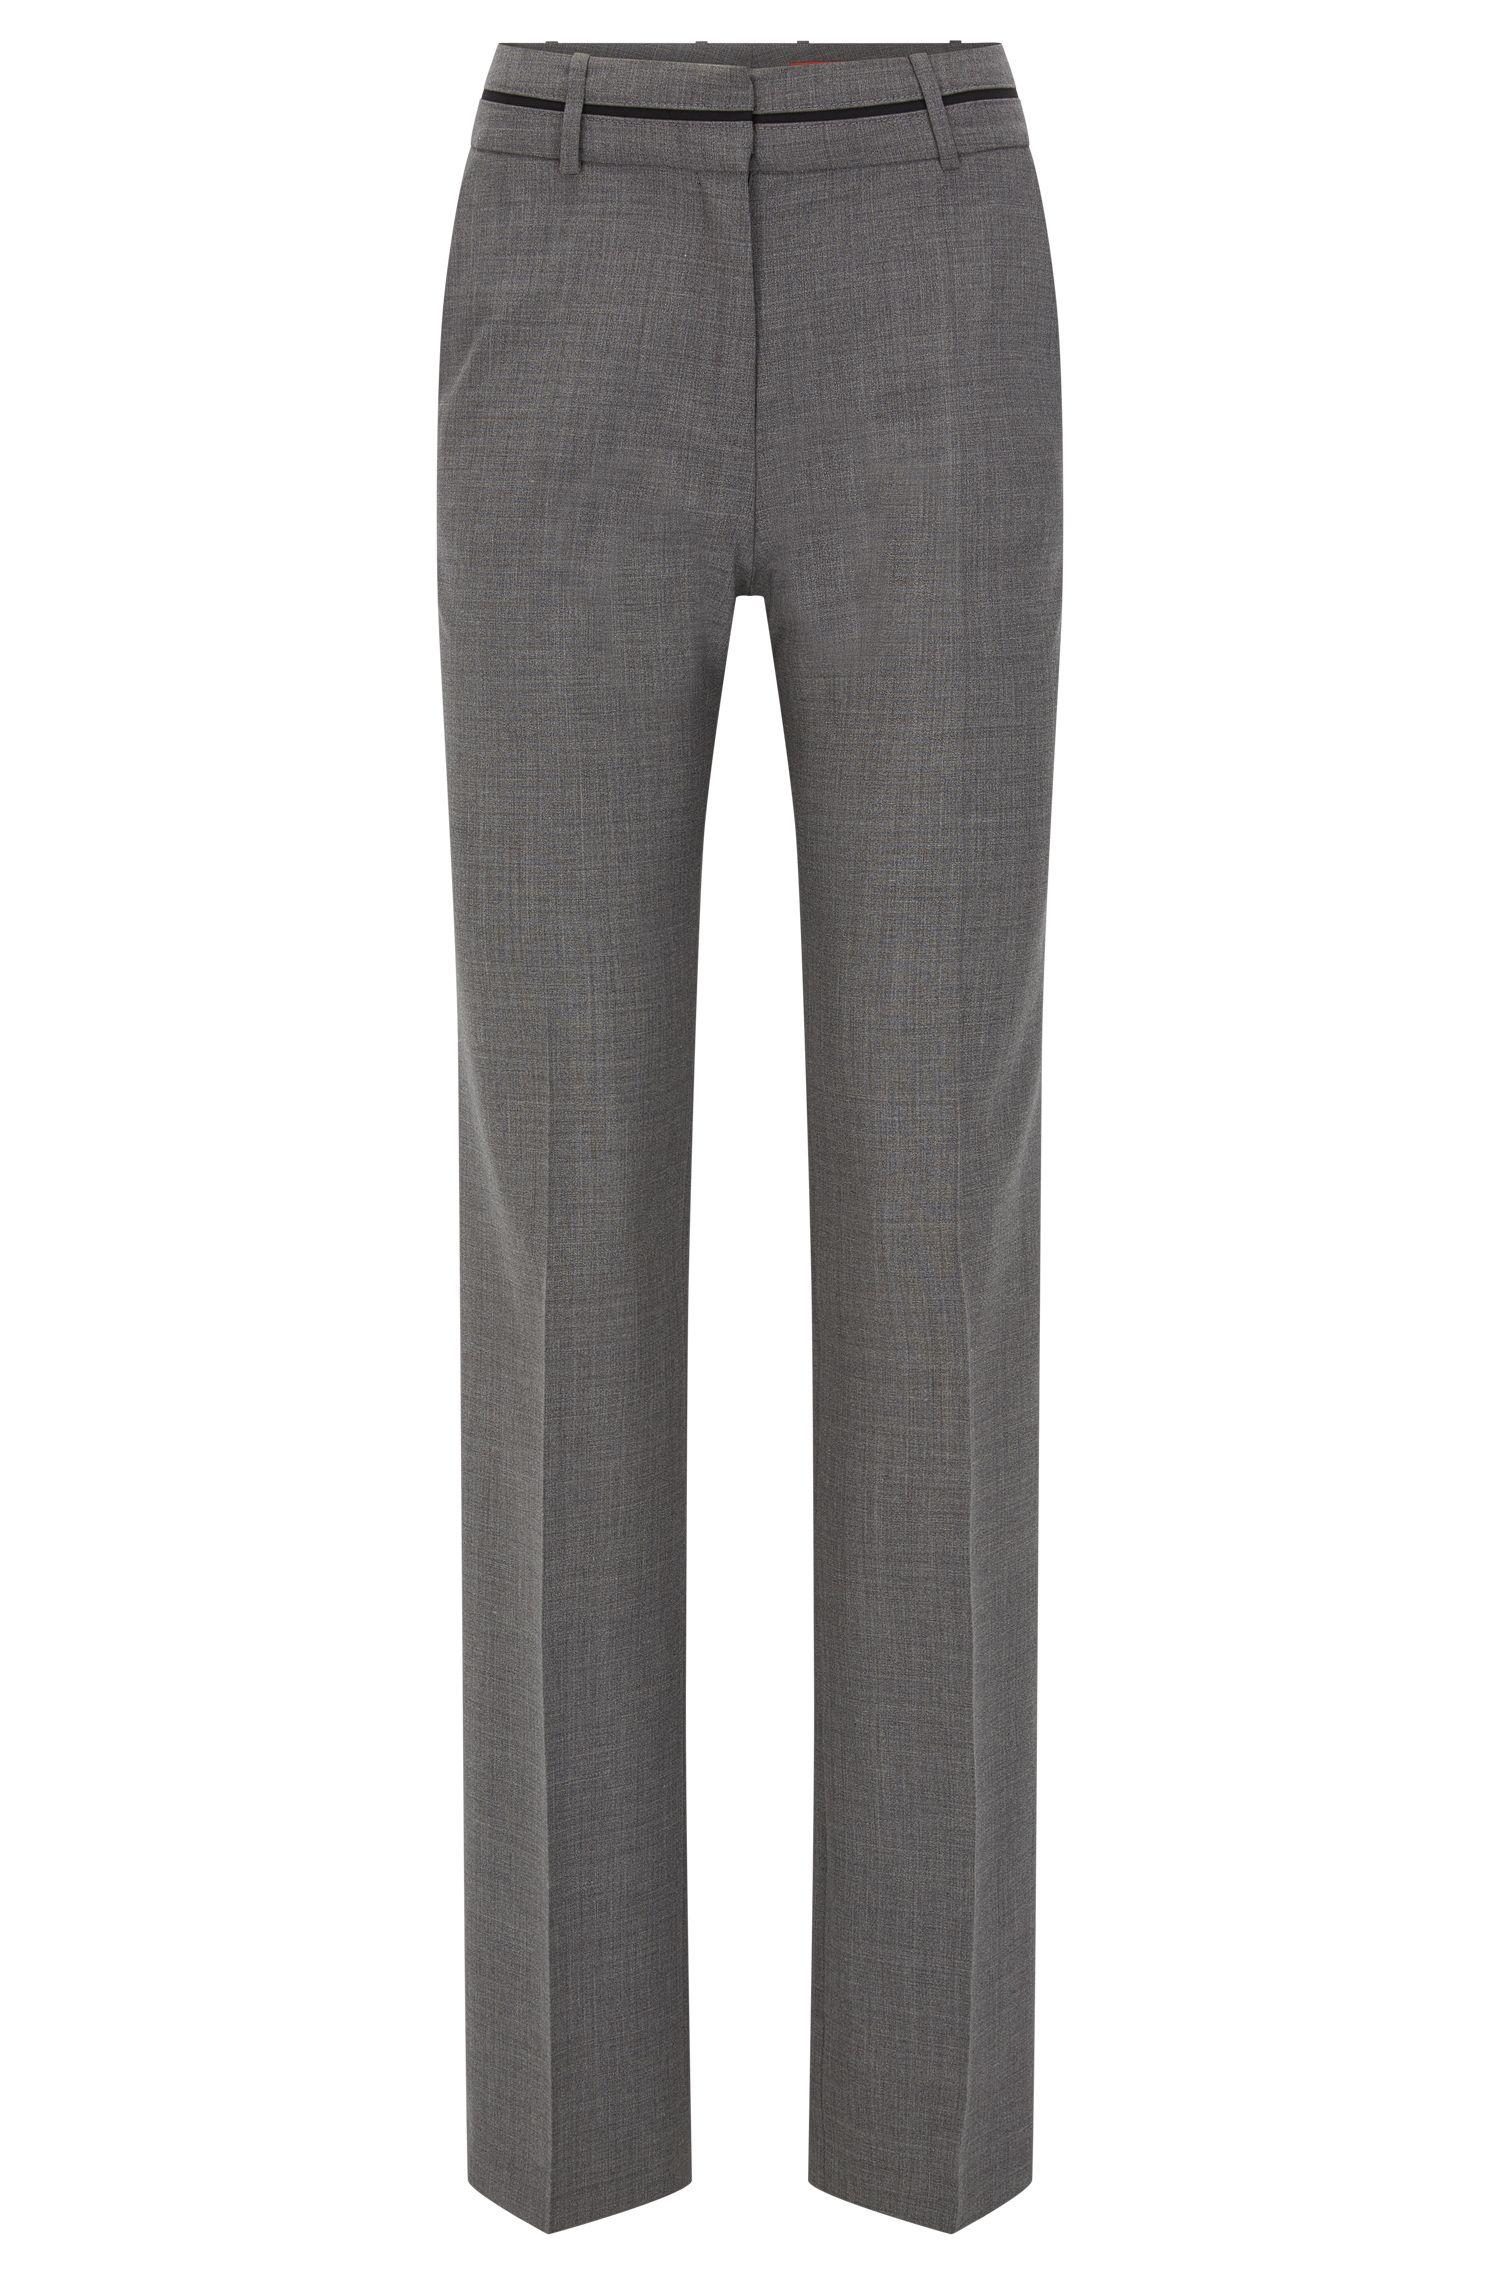 Pantalon Regular Fit en laine vierge mélangée